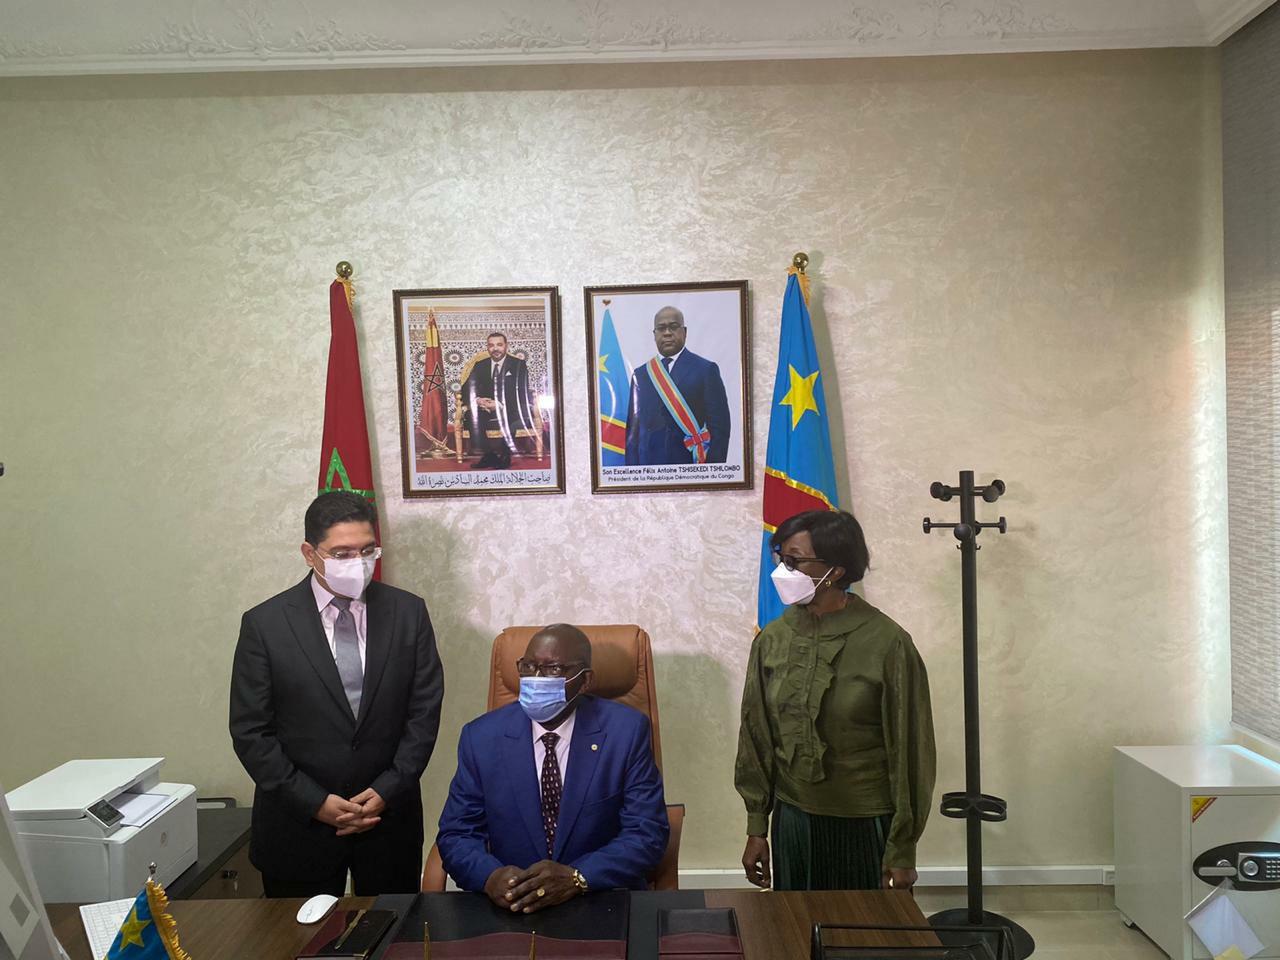 افتتاح قنصلية  عامة لجمهورية الكونغو الديمقراطية بالداخلة